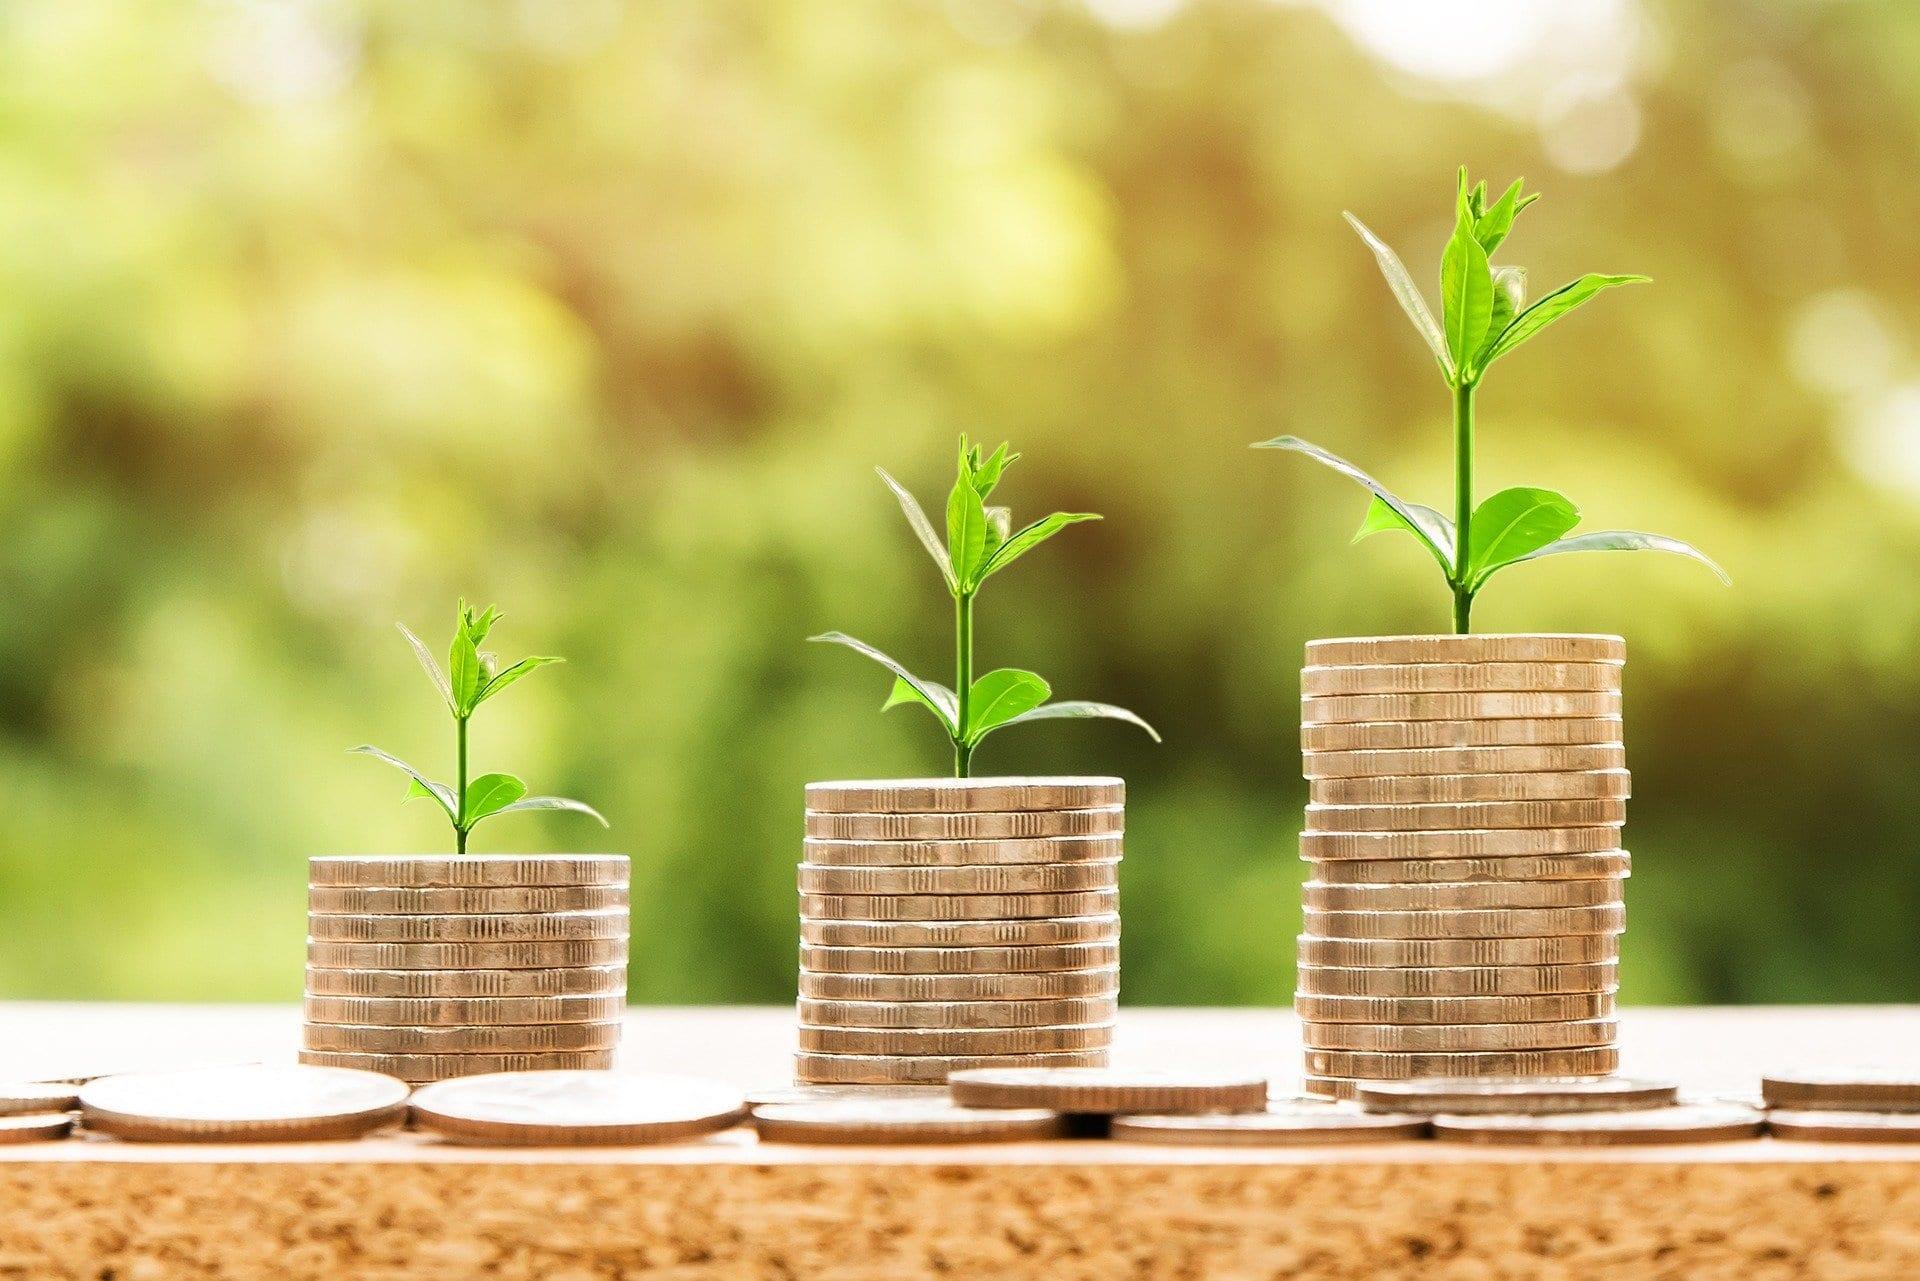 Cannabis grower salary